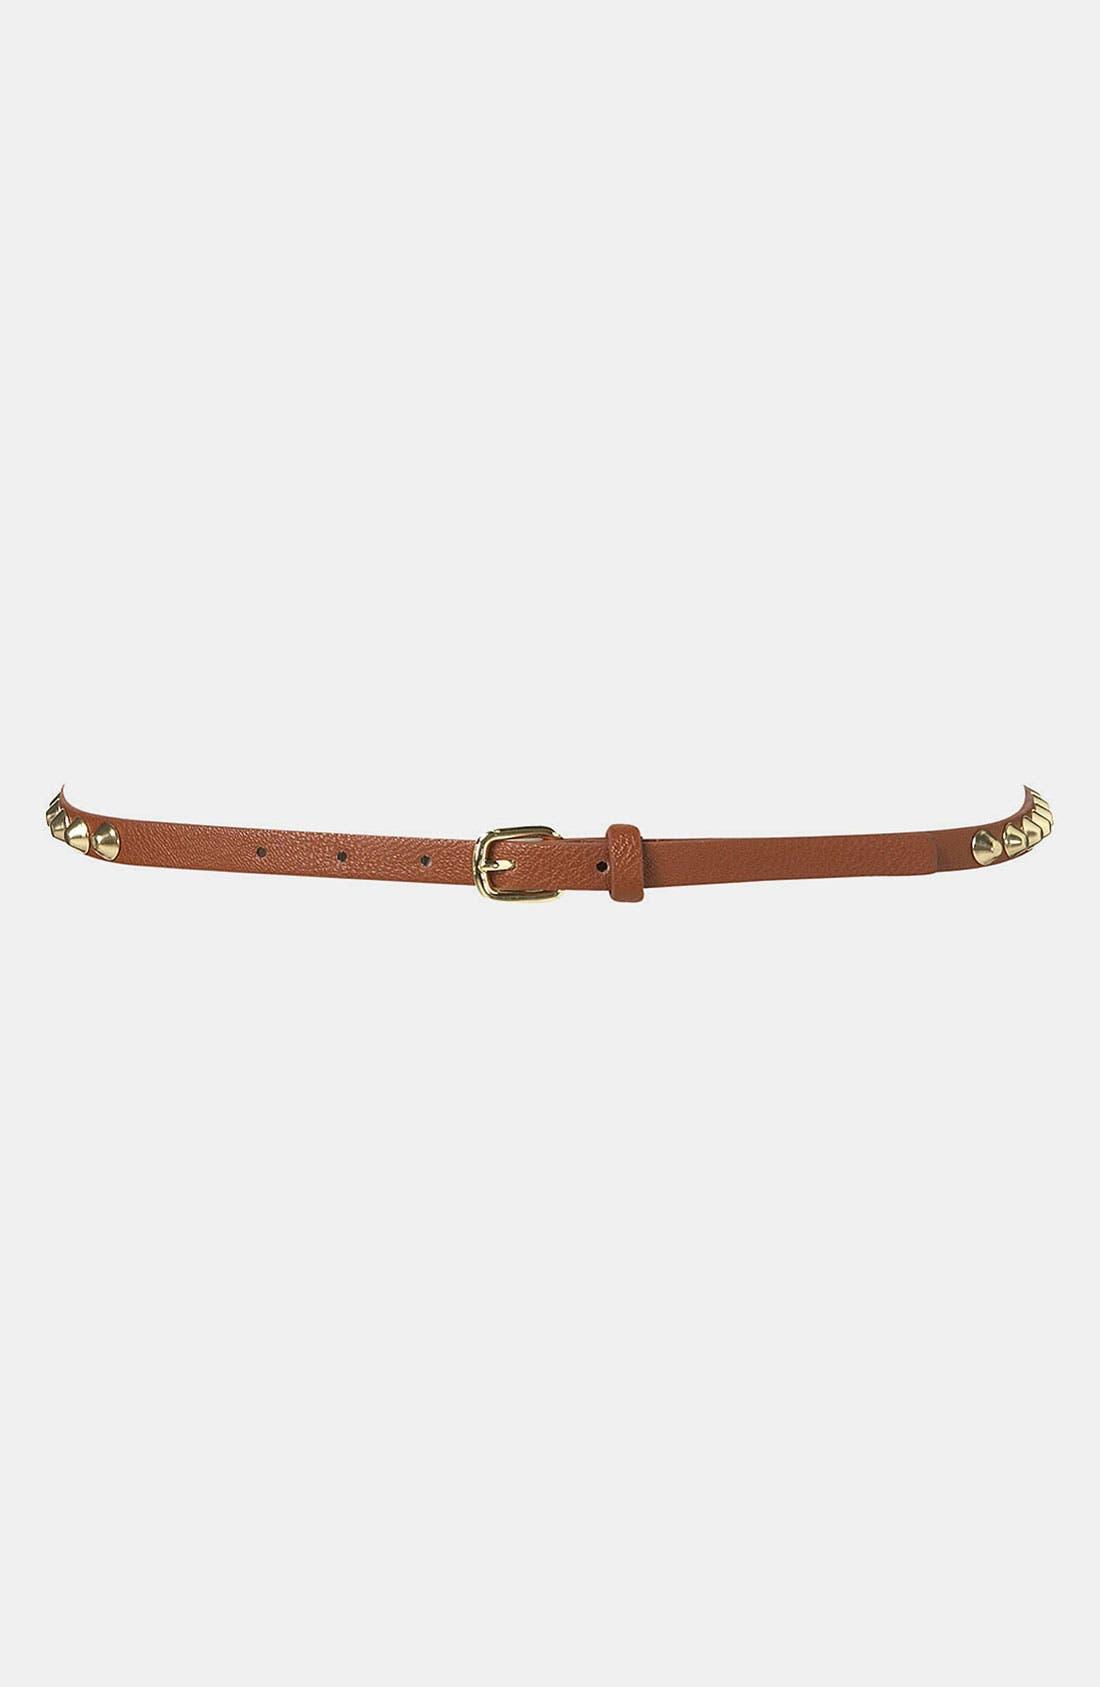 Alternate Image 1 Selected - Topshop 'Grunge' Studded Belt